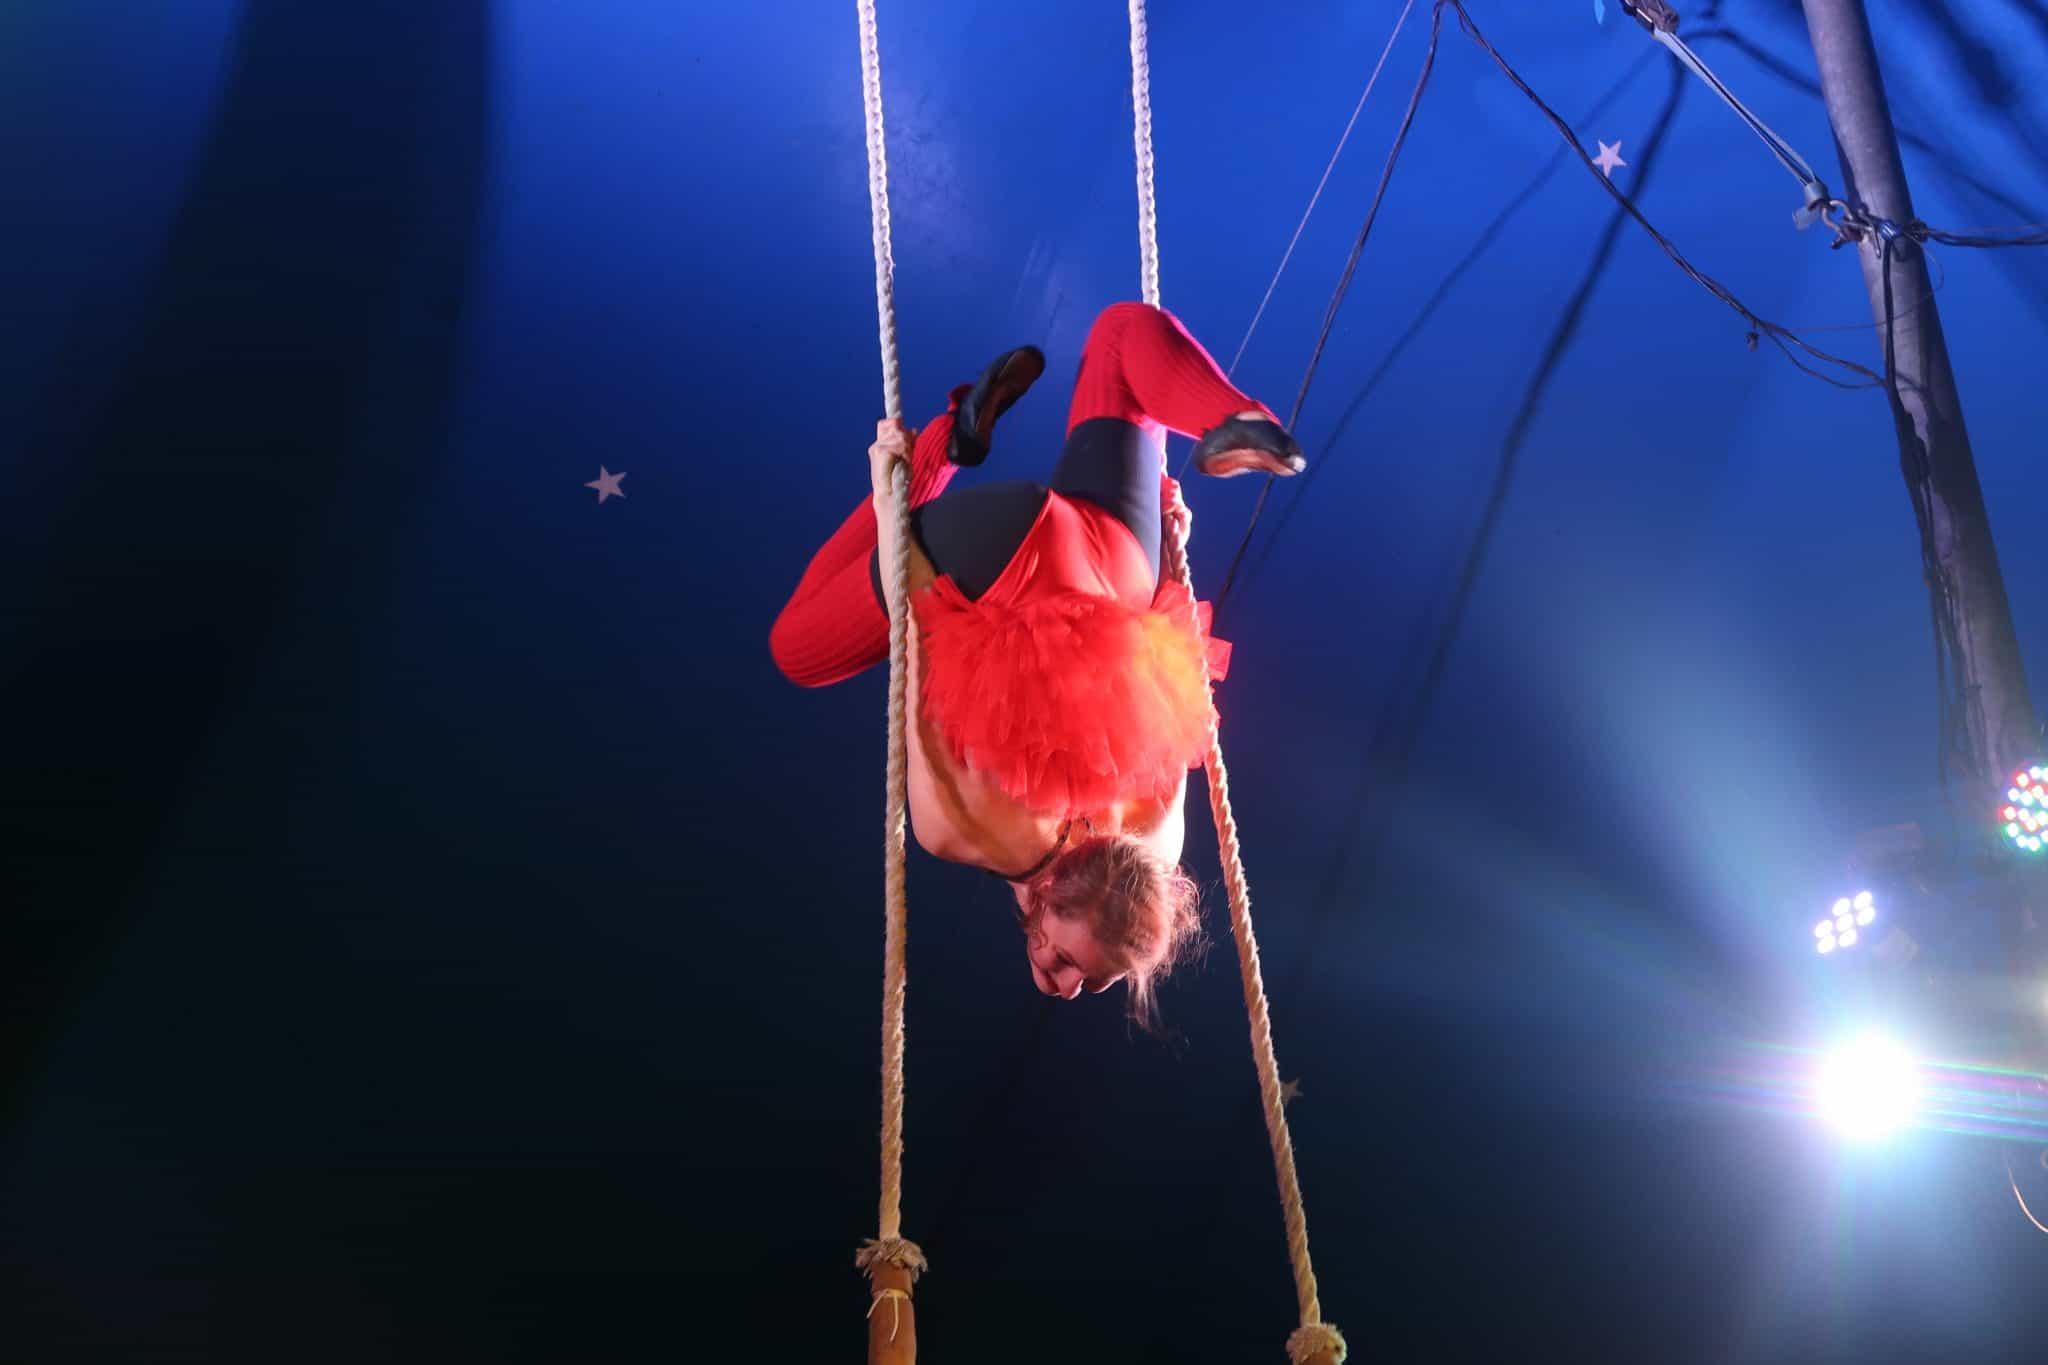 Circus Ferrel